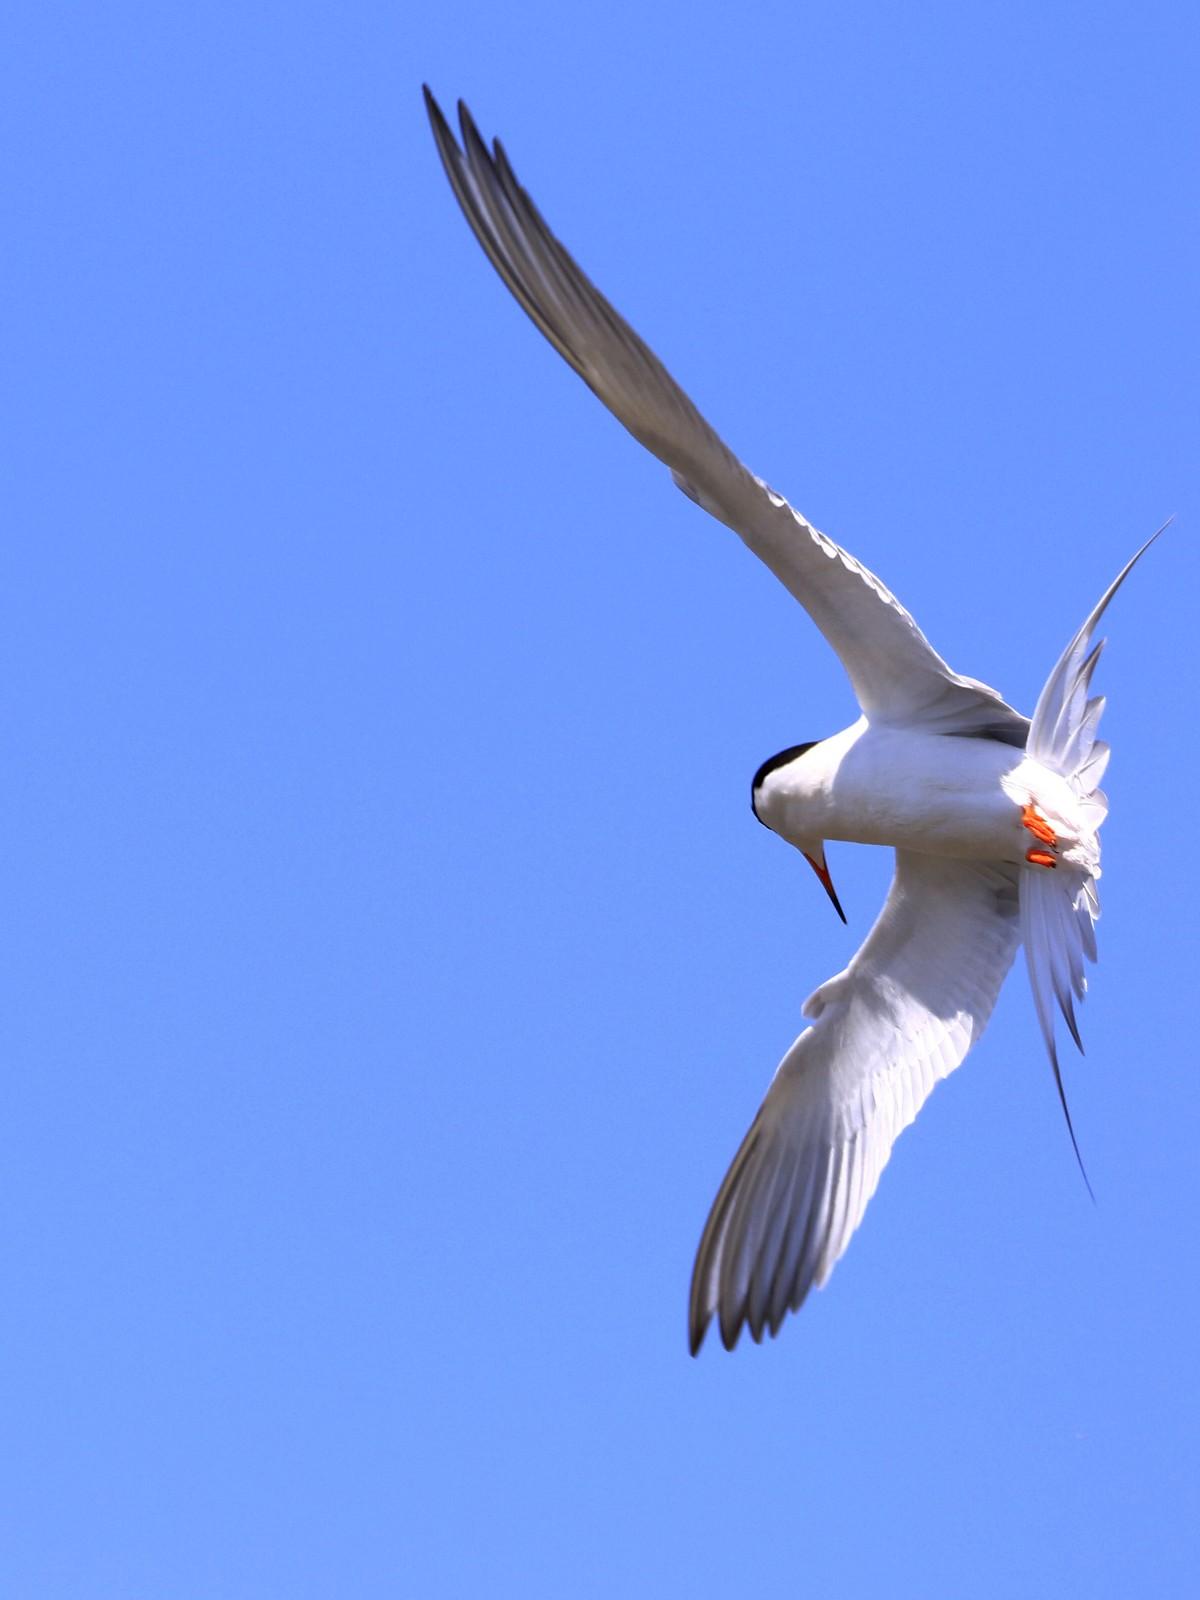 燕鸥捕鱼_图1-3